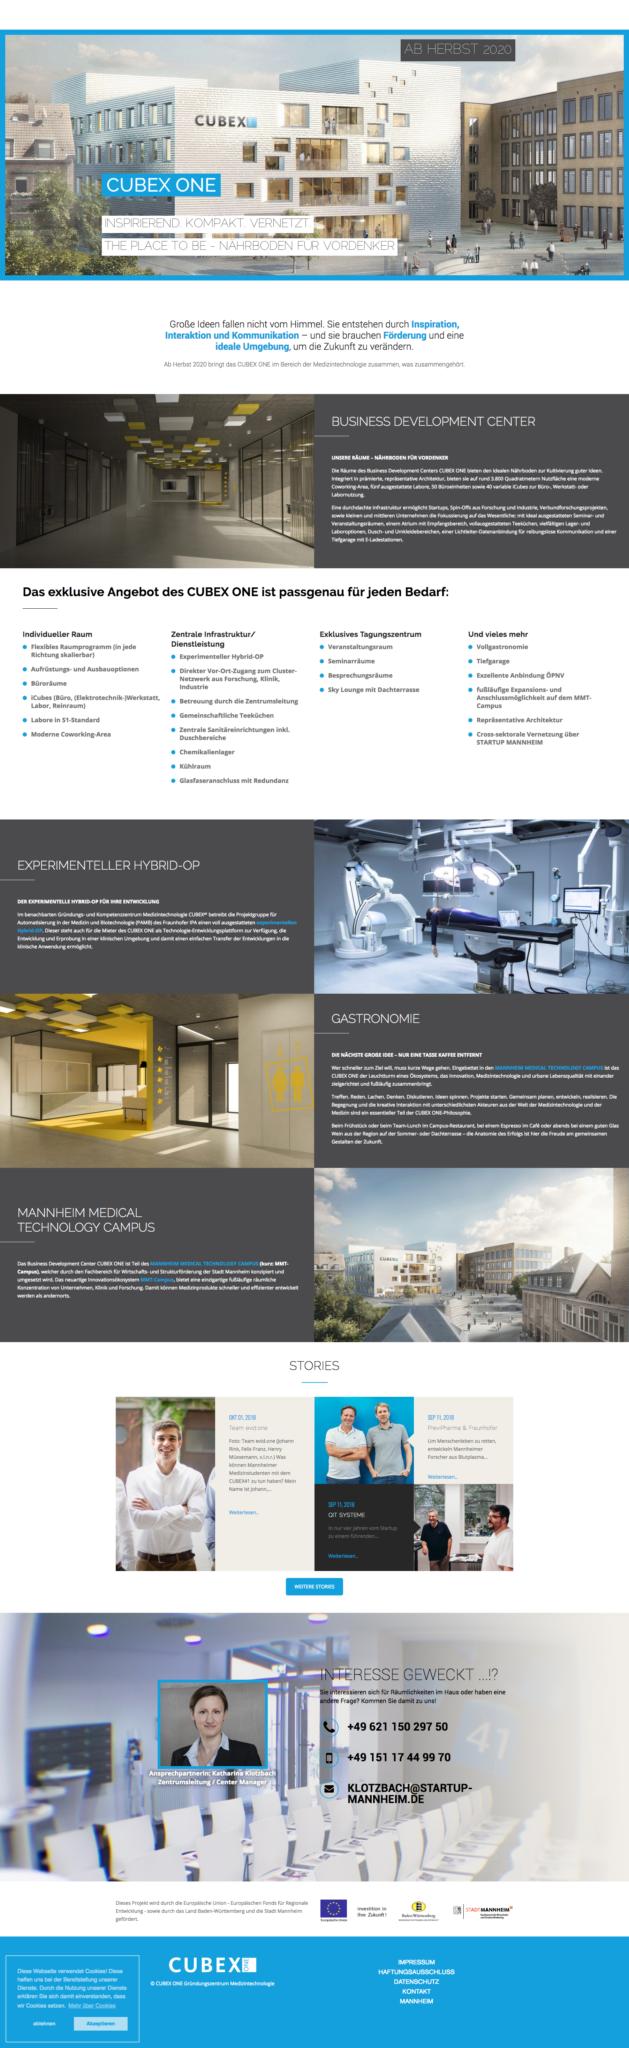 screenshot-www.cubex-one.de-2018.12.11-12-37-47 Launch der Präsenz CUBEX ONE